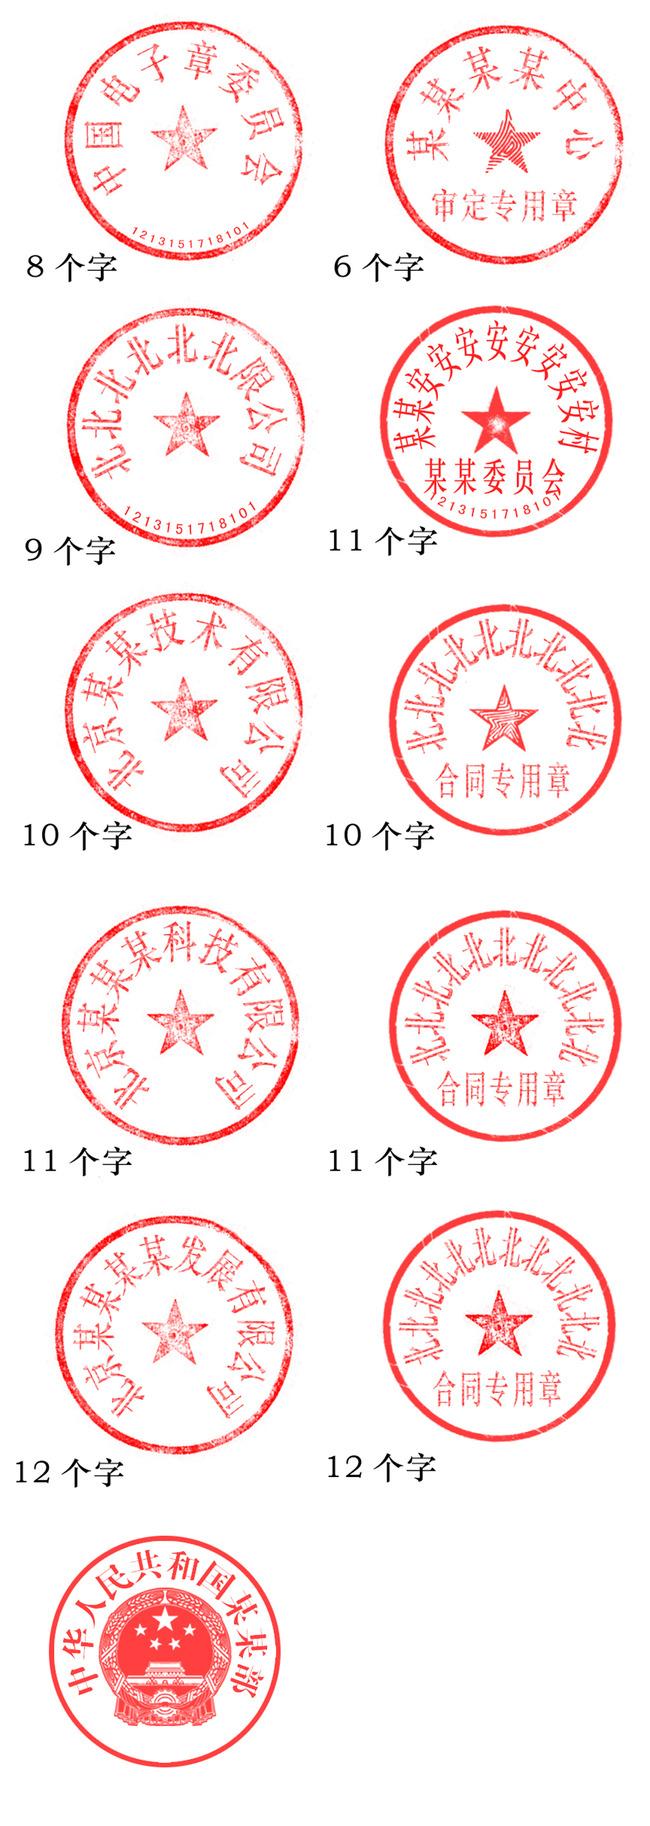 【】公司公章印章模板(附字体和制作说明)